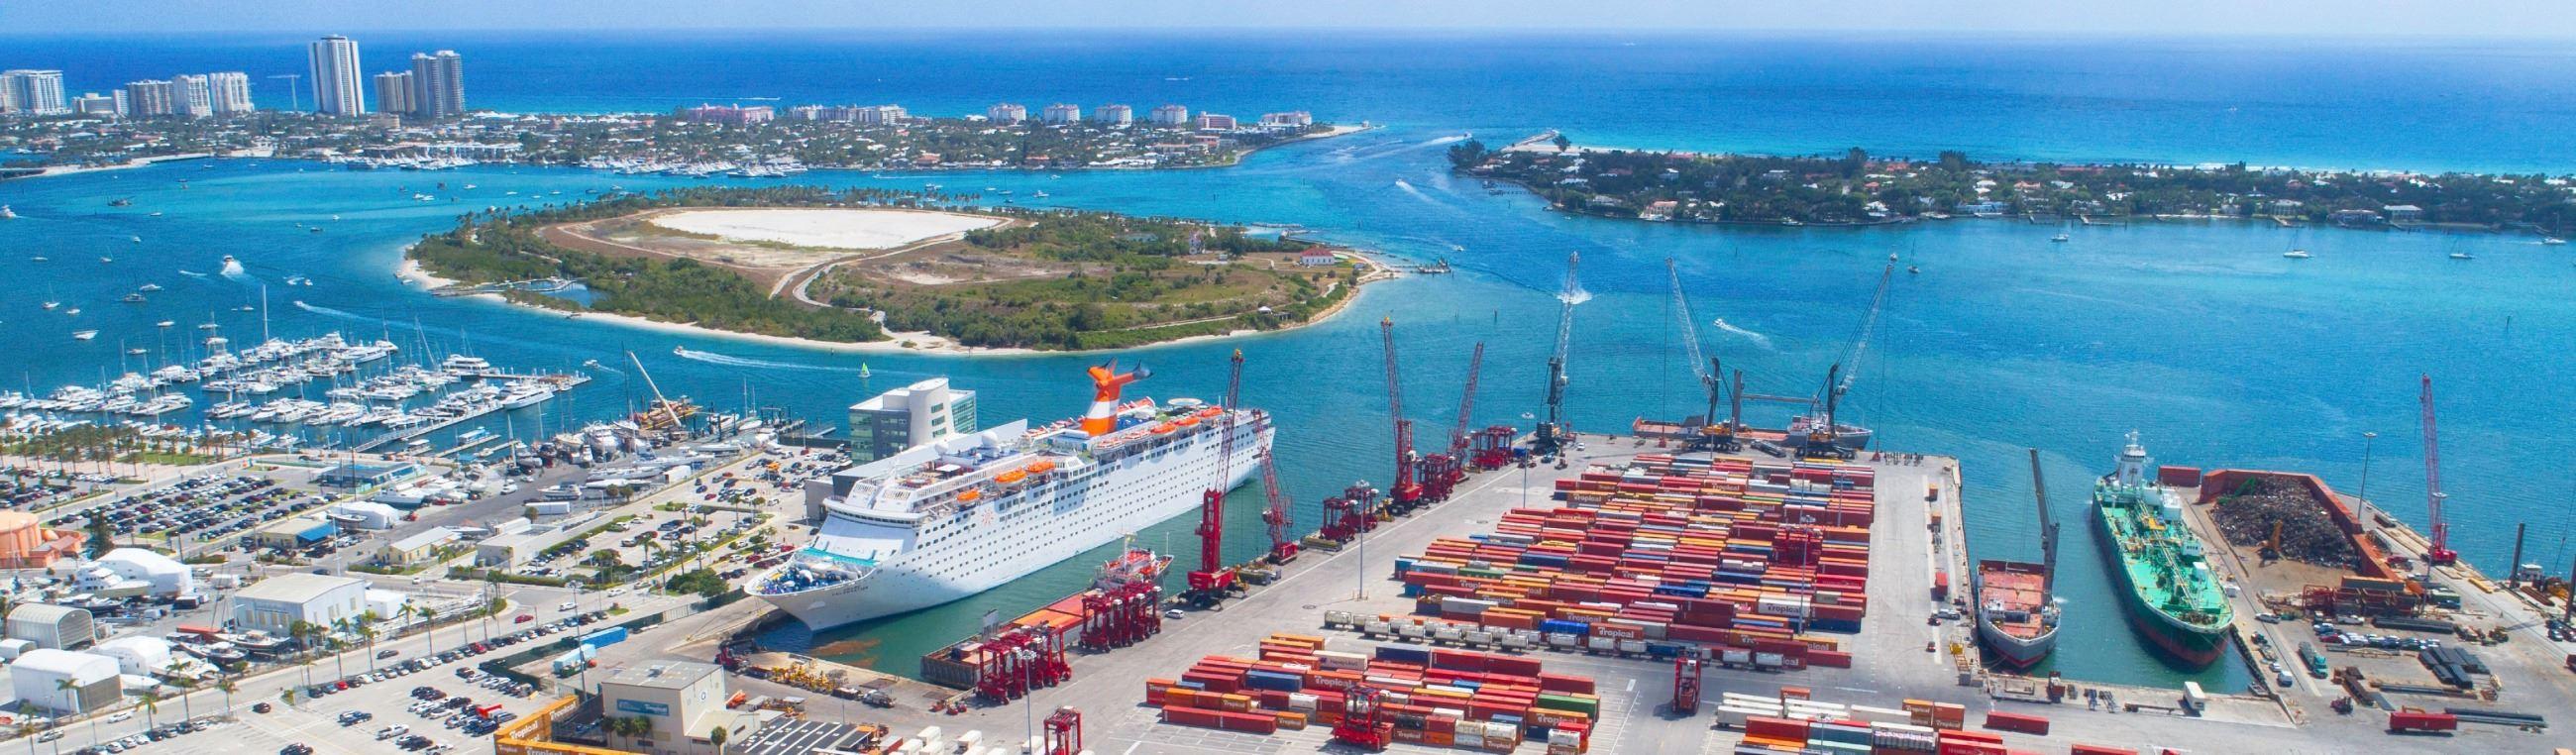 Port of Palm Beach, FL - Official Website | Official Website